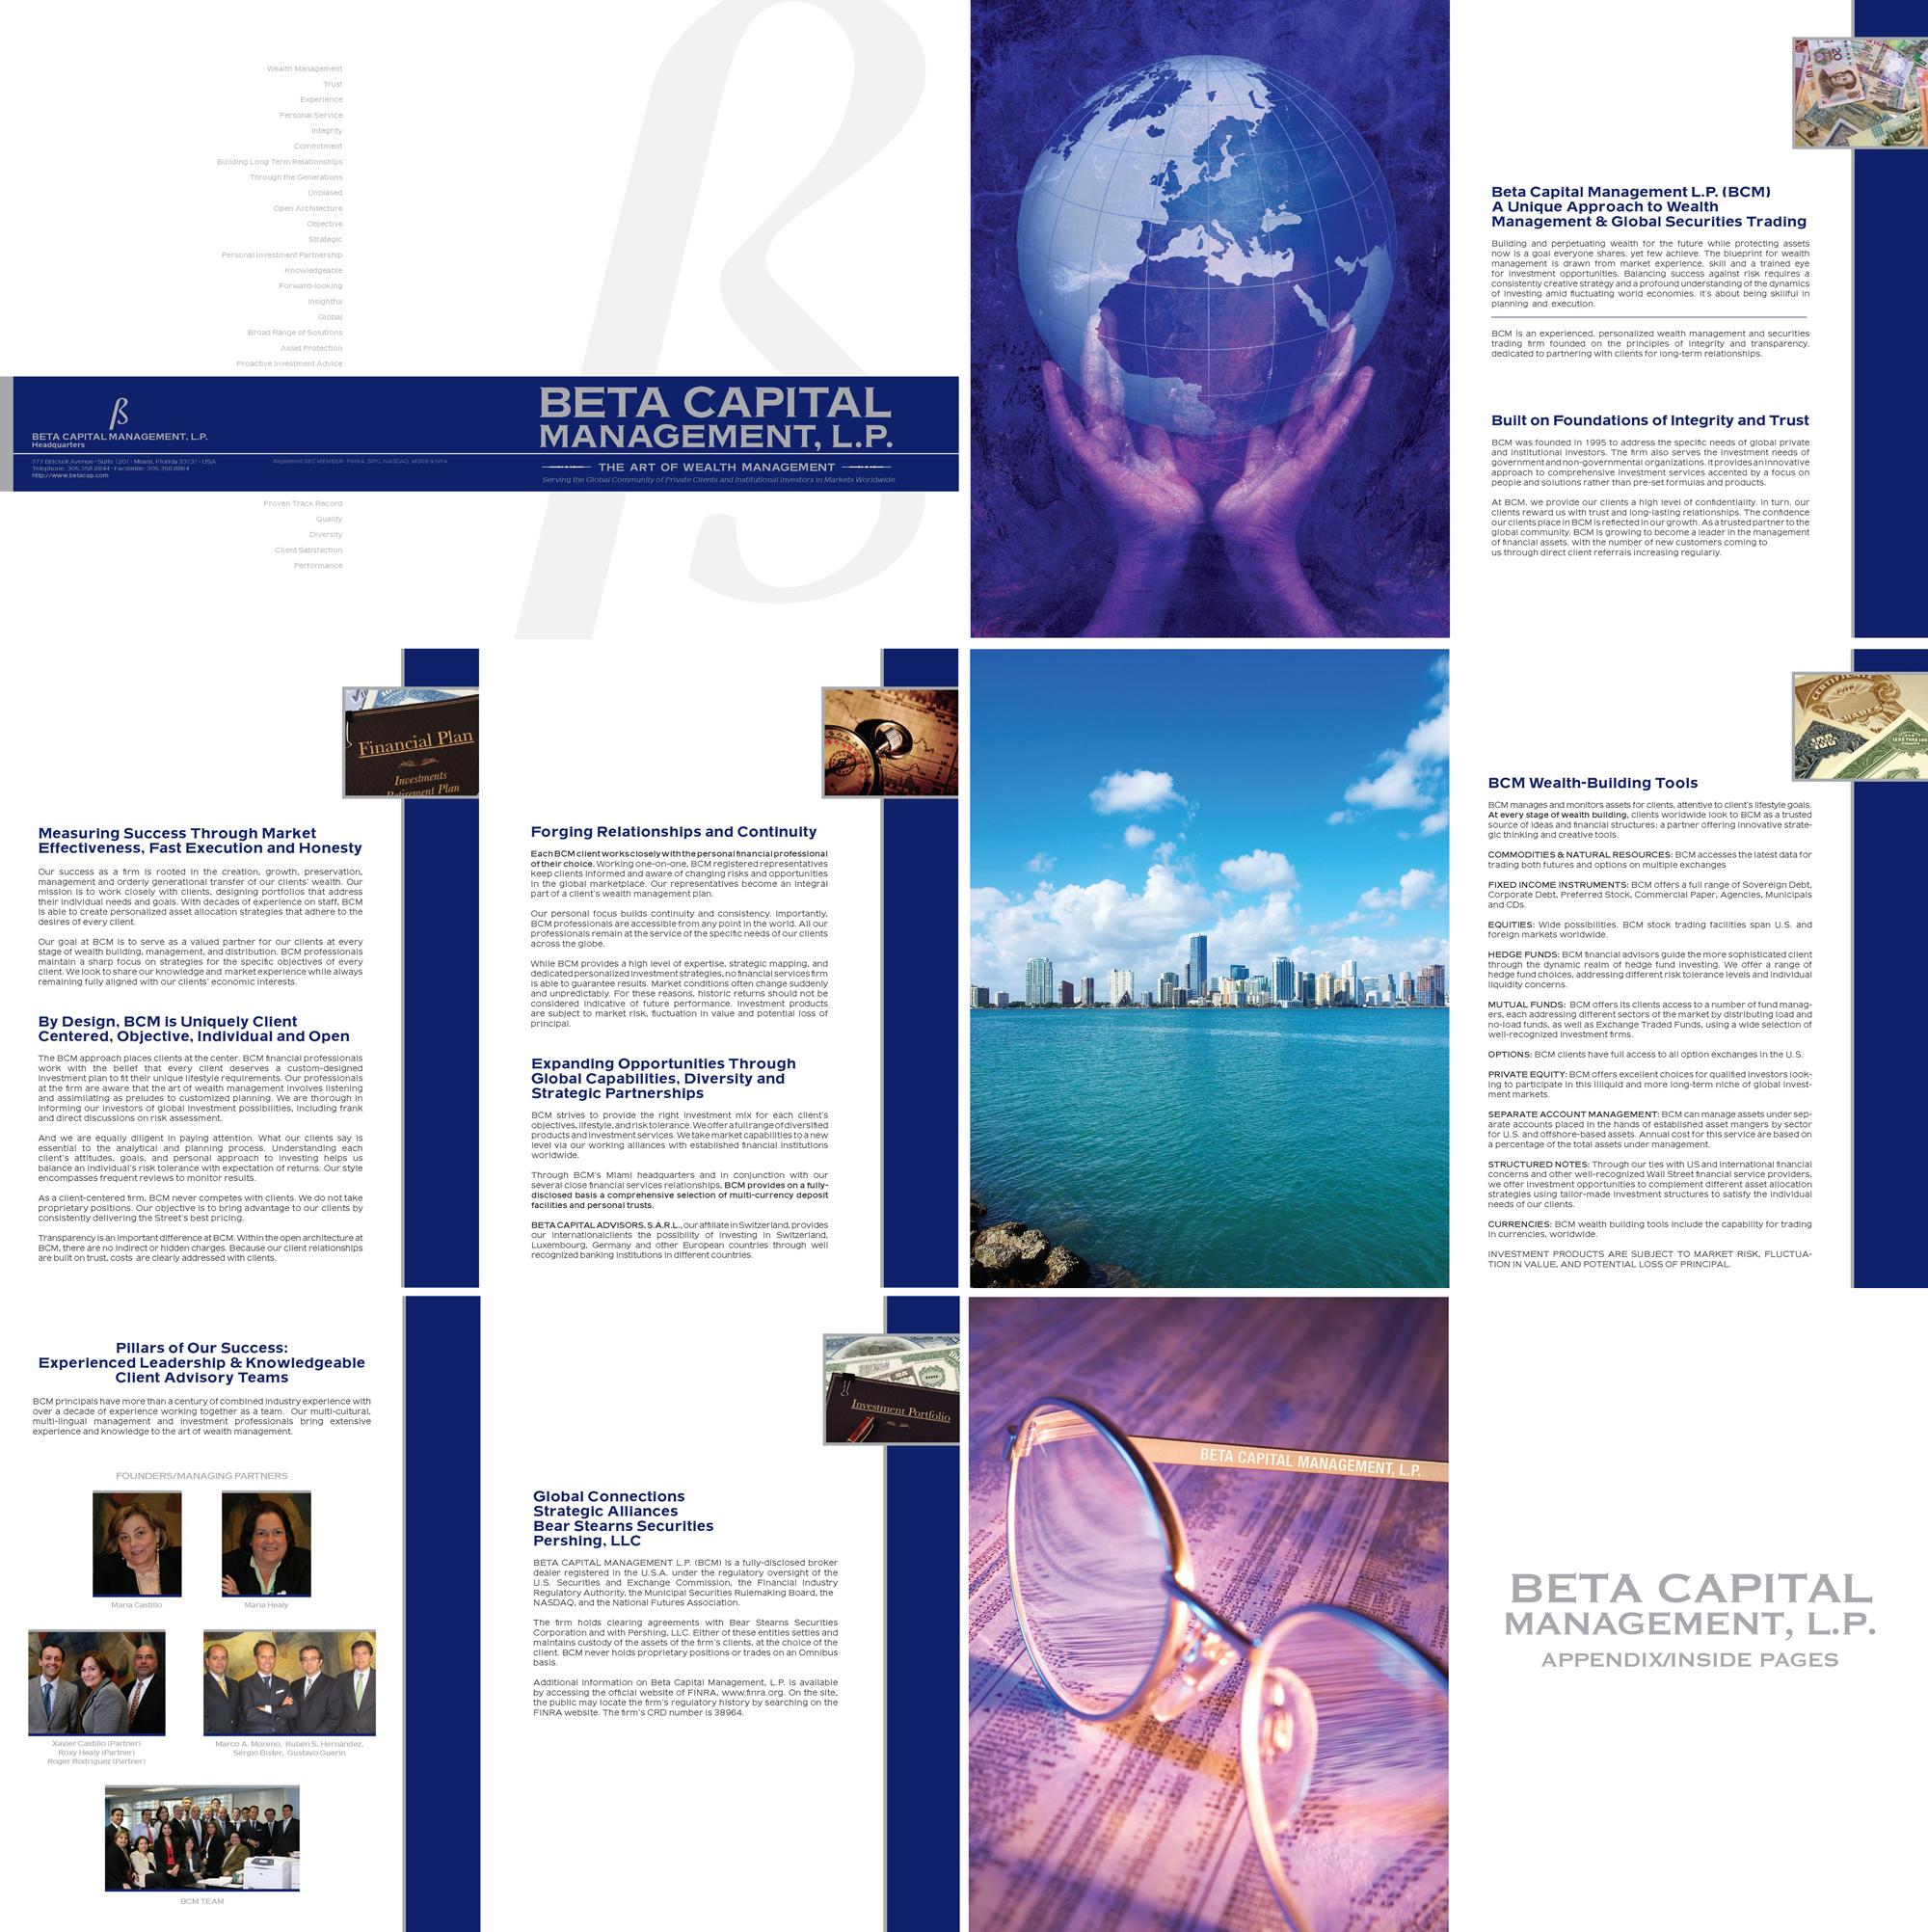 Beta Capital Management AnnualReport